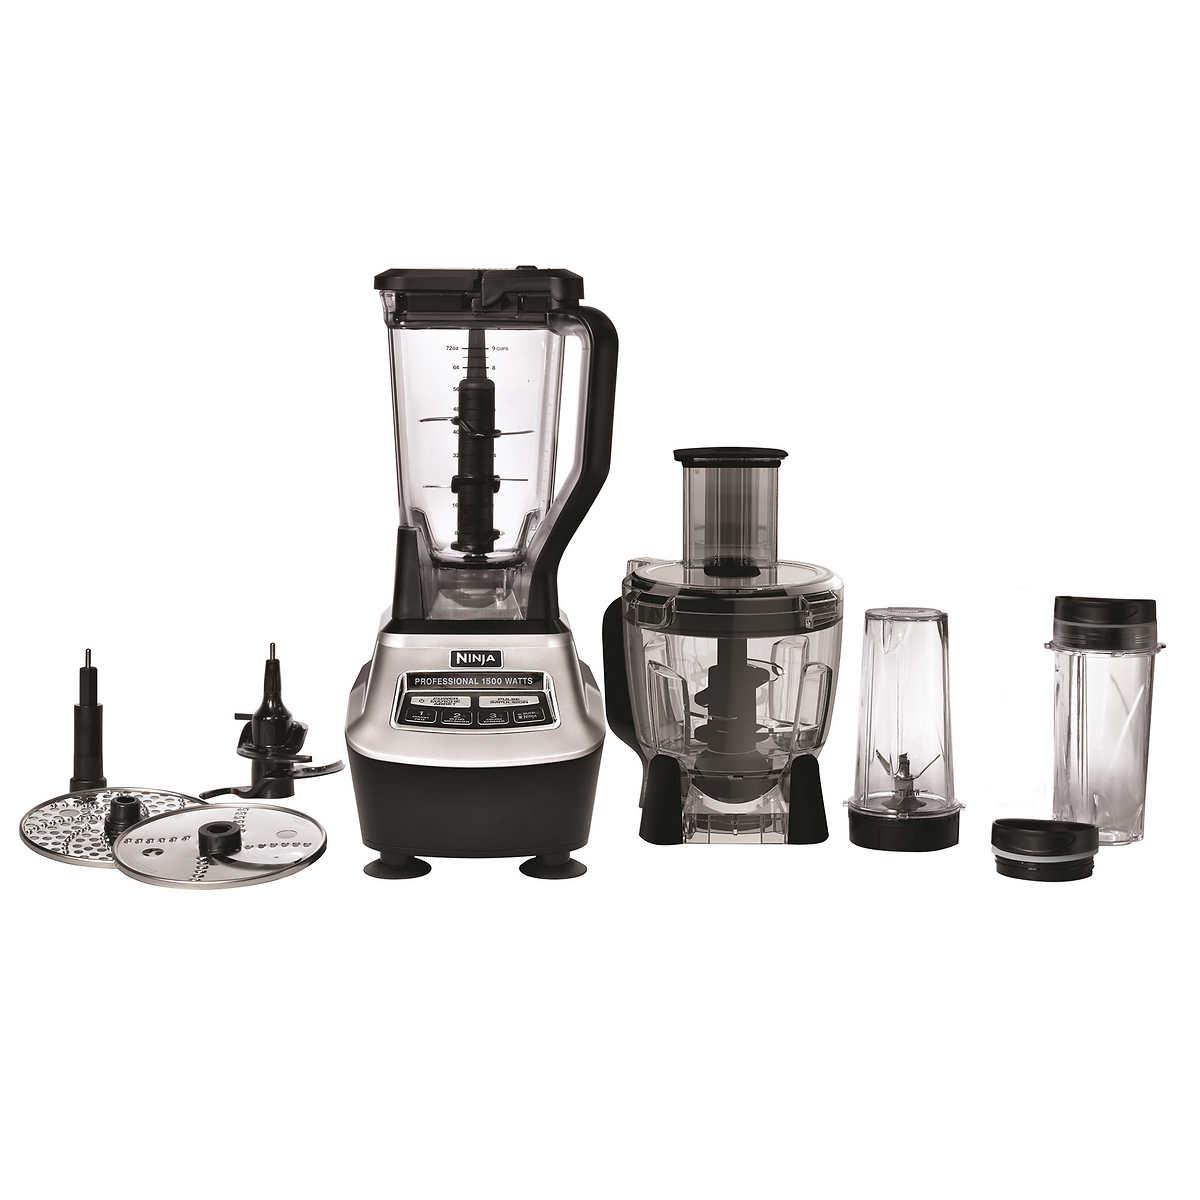 Ninja mega kitchen system 1500w 2hp food processor blender bl773co - Ninja Mega Kitchen System Item 983930 Click To Zoom